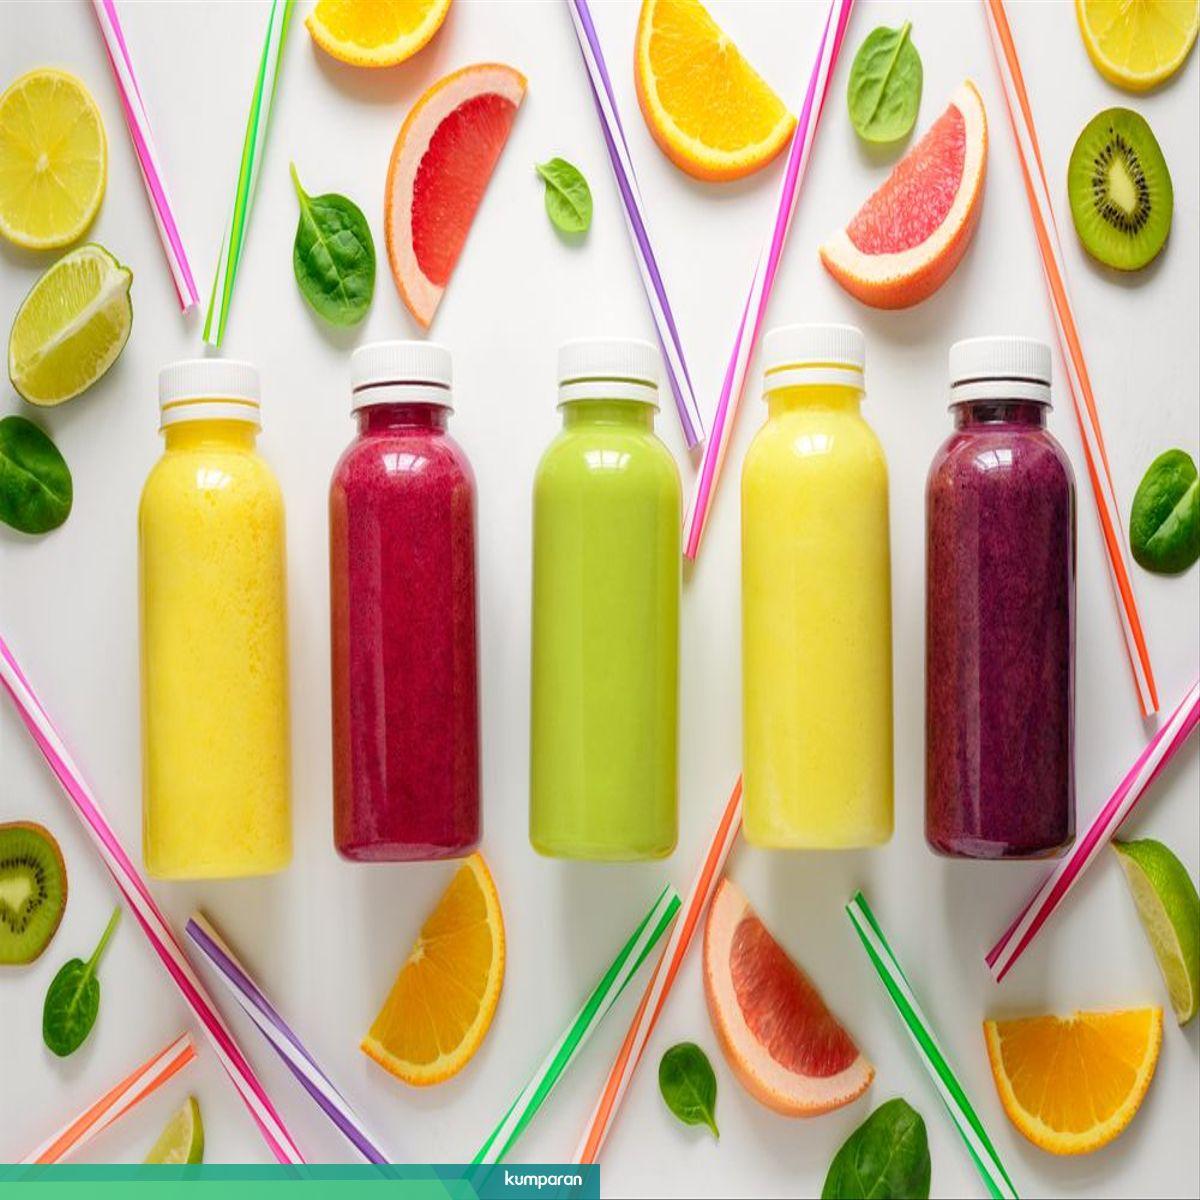 tips sehat menyajikan jus buah di rumah kumparan com tips sehat menyajikan jus buah di rumah